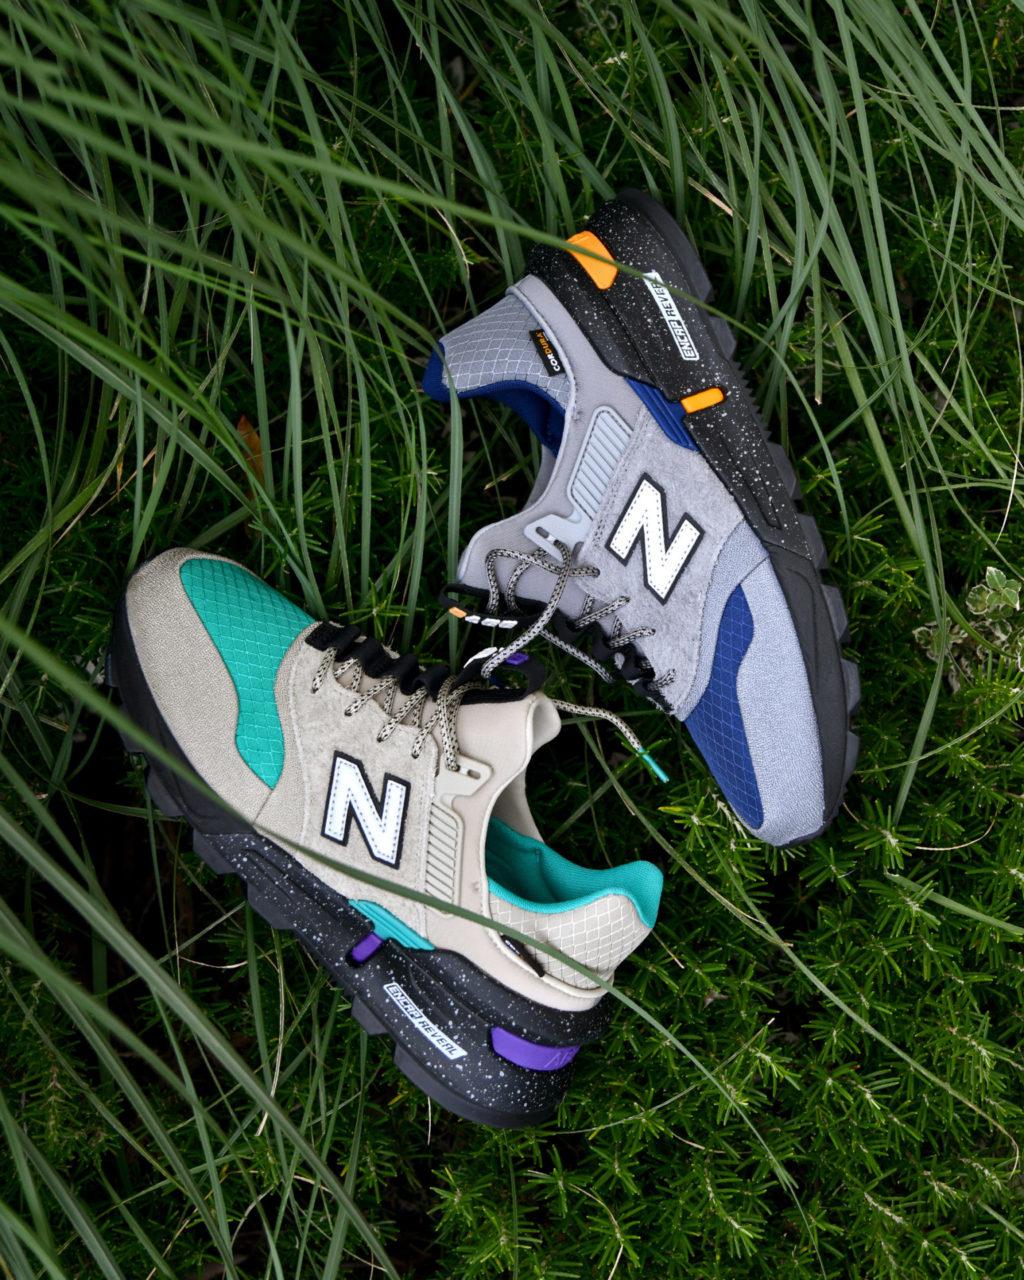 Nzw Balance 997S Cordura Pack